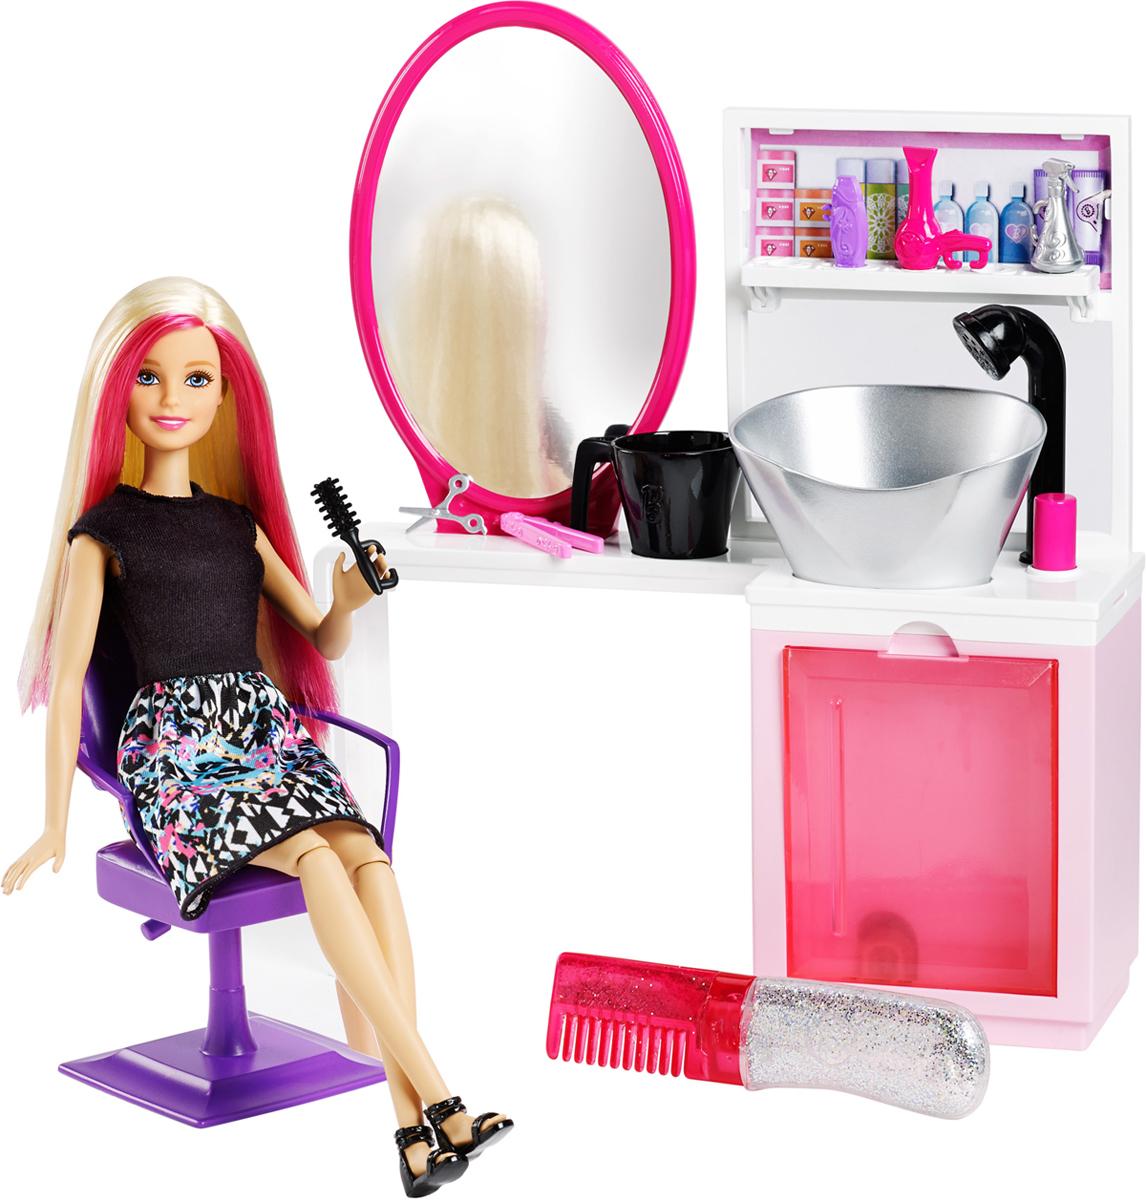 Barbie Игровой набор с куклой для создания блестящих причесок DTK04_DTK05DTK04_DTK05Создай блестящий макияж для куклы Barbie в модном салоне красоты! Выбери набор для розового или сиреневого оттенка волос Barbie — в комплекте с каждым идет уникальный наряд. Уложи волосы Barbie и добавь блесток, затем смой их в настоящей раковине и снова сделай прическу — у стиля нет границ! Добавь немного мыла и воды в контейнер и вымой голову Barbie — все как в реальных салонах! В набор входит одежда Barbie с обувью, а также туалетный столик с работающей раковиной и мылом, стул из салона красоты, расческа с серебристыми блестками и аксессуары — фен, спрей для волос и шампунь, кружка, щетка, плойка и ножницы.